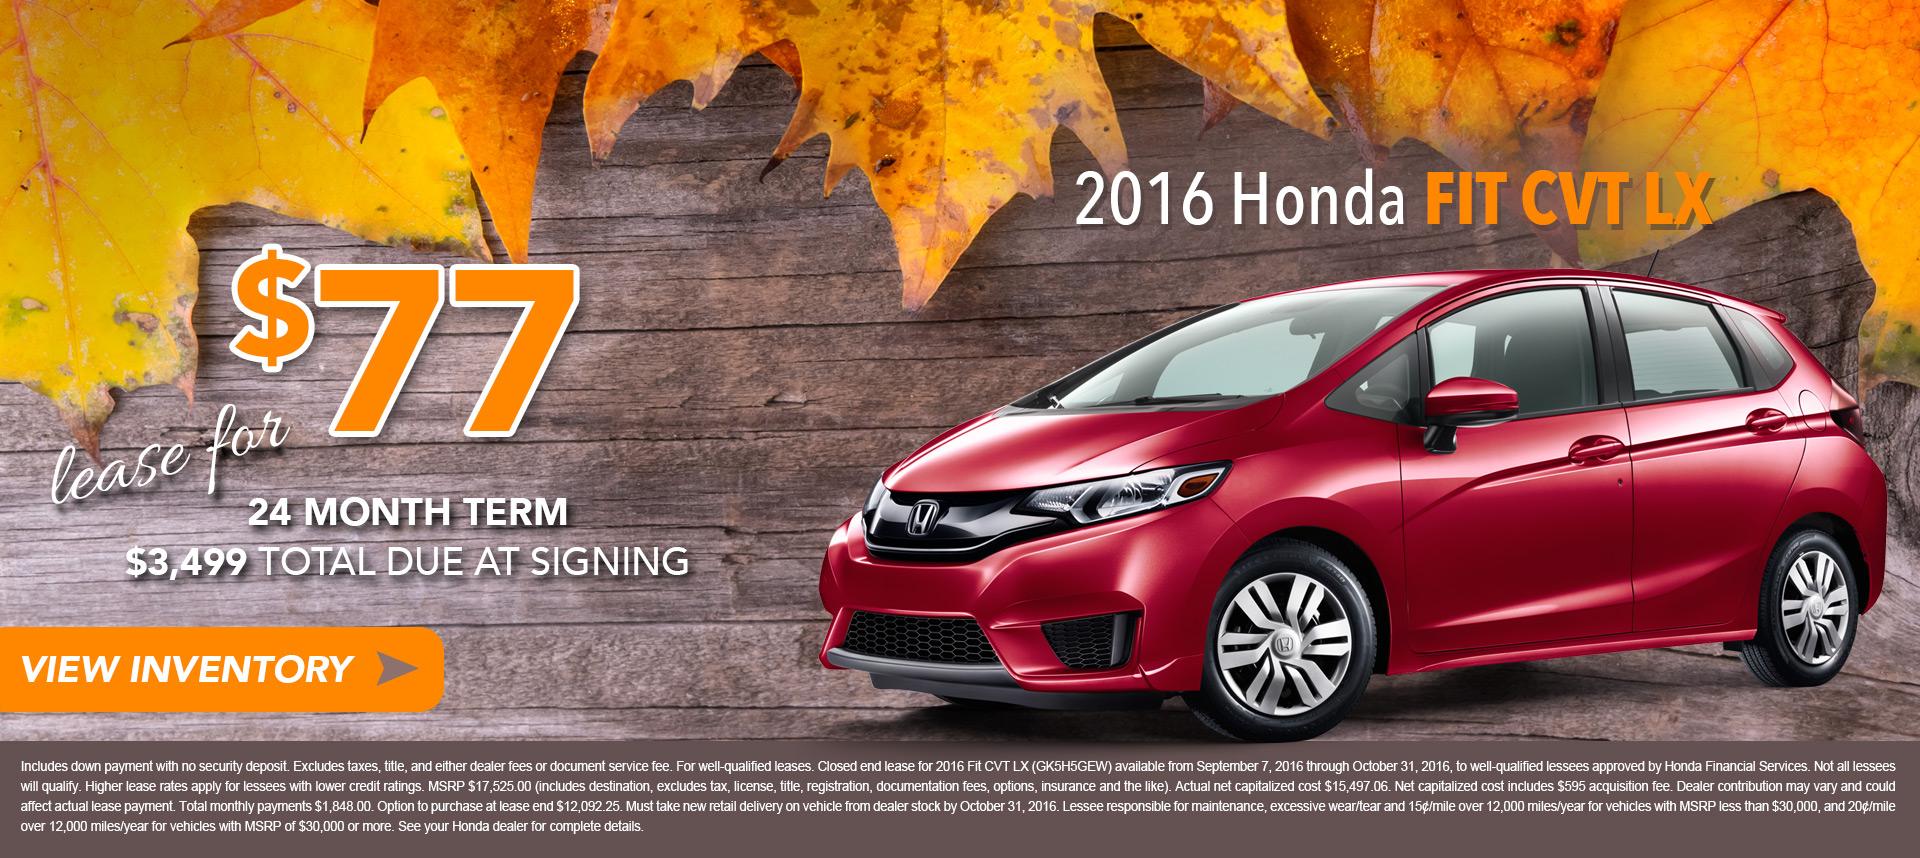 Honda Service & Repair Center | Mossy Honda Lemon Grove